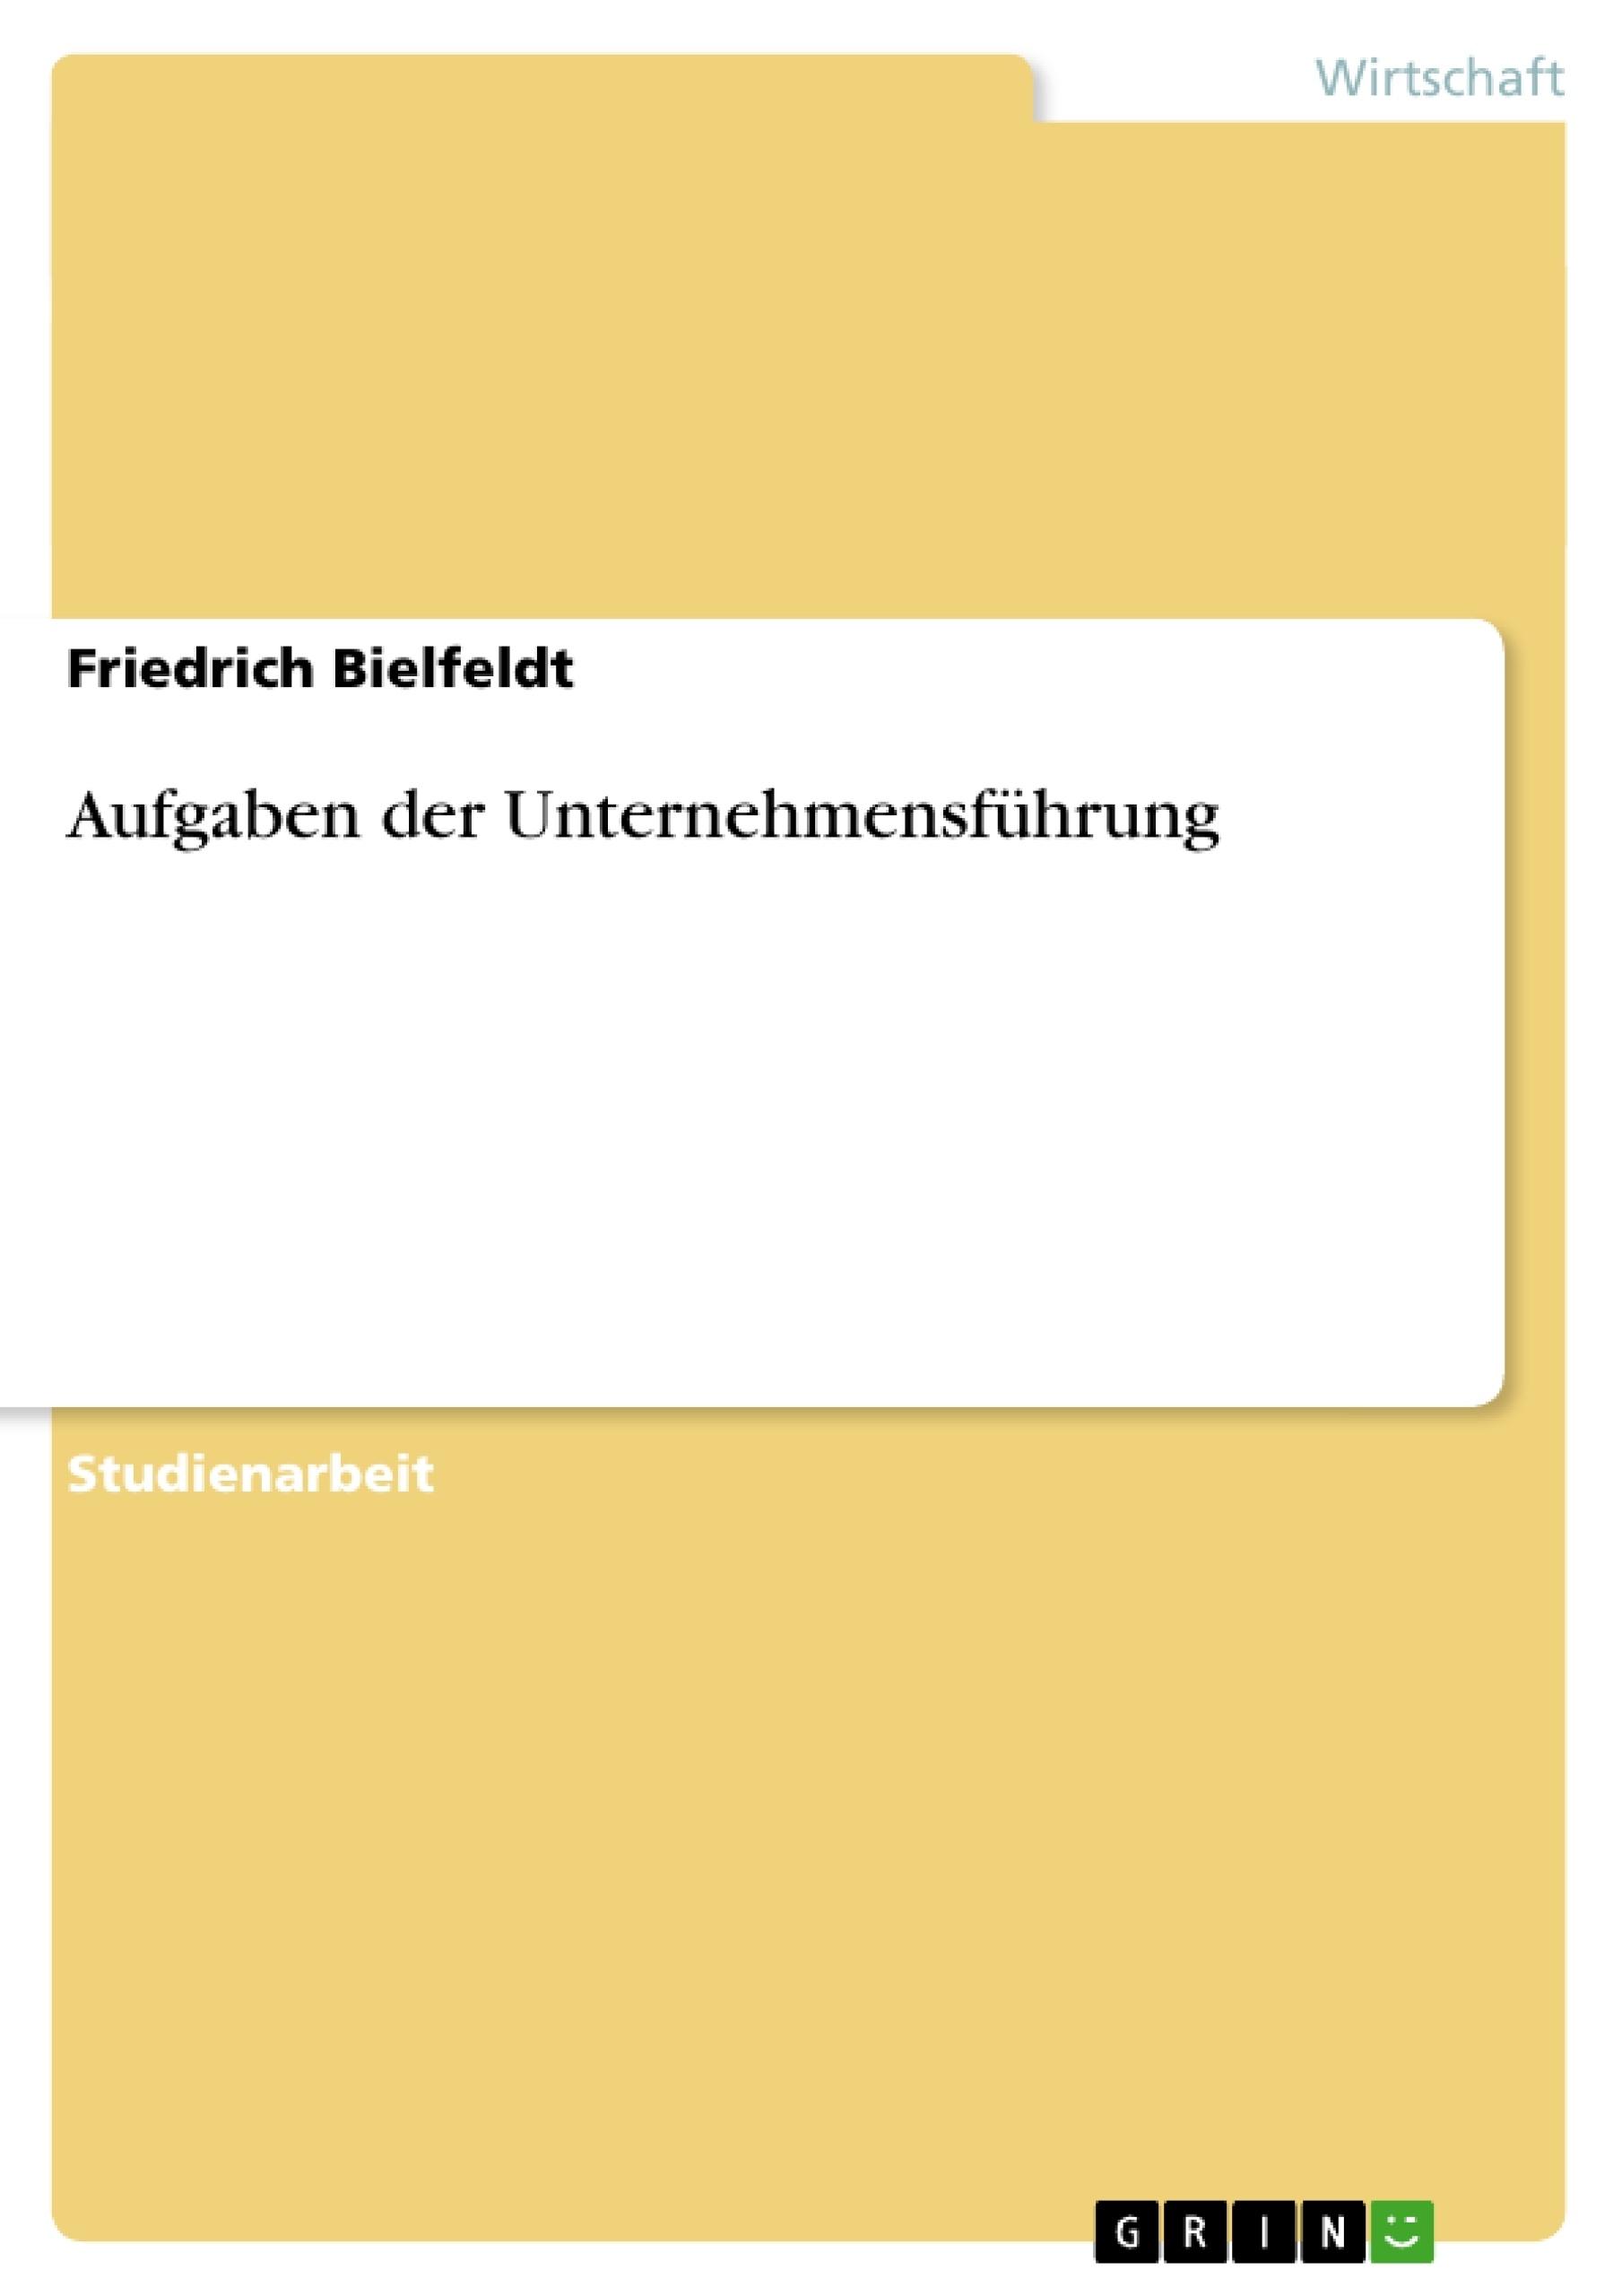 Titel: Aufgaben der Unternehmensführung